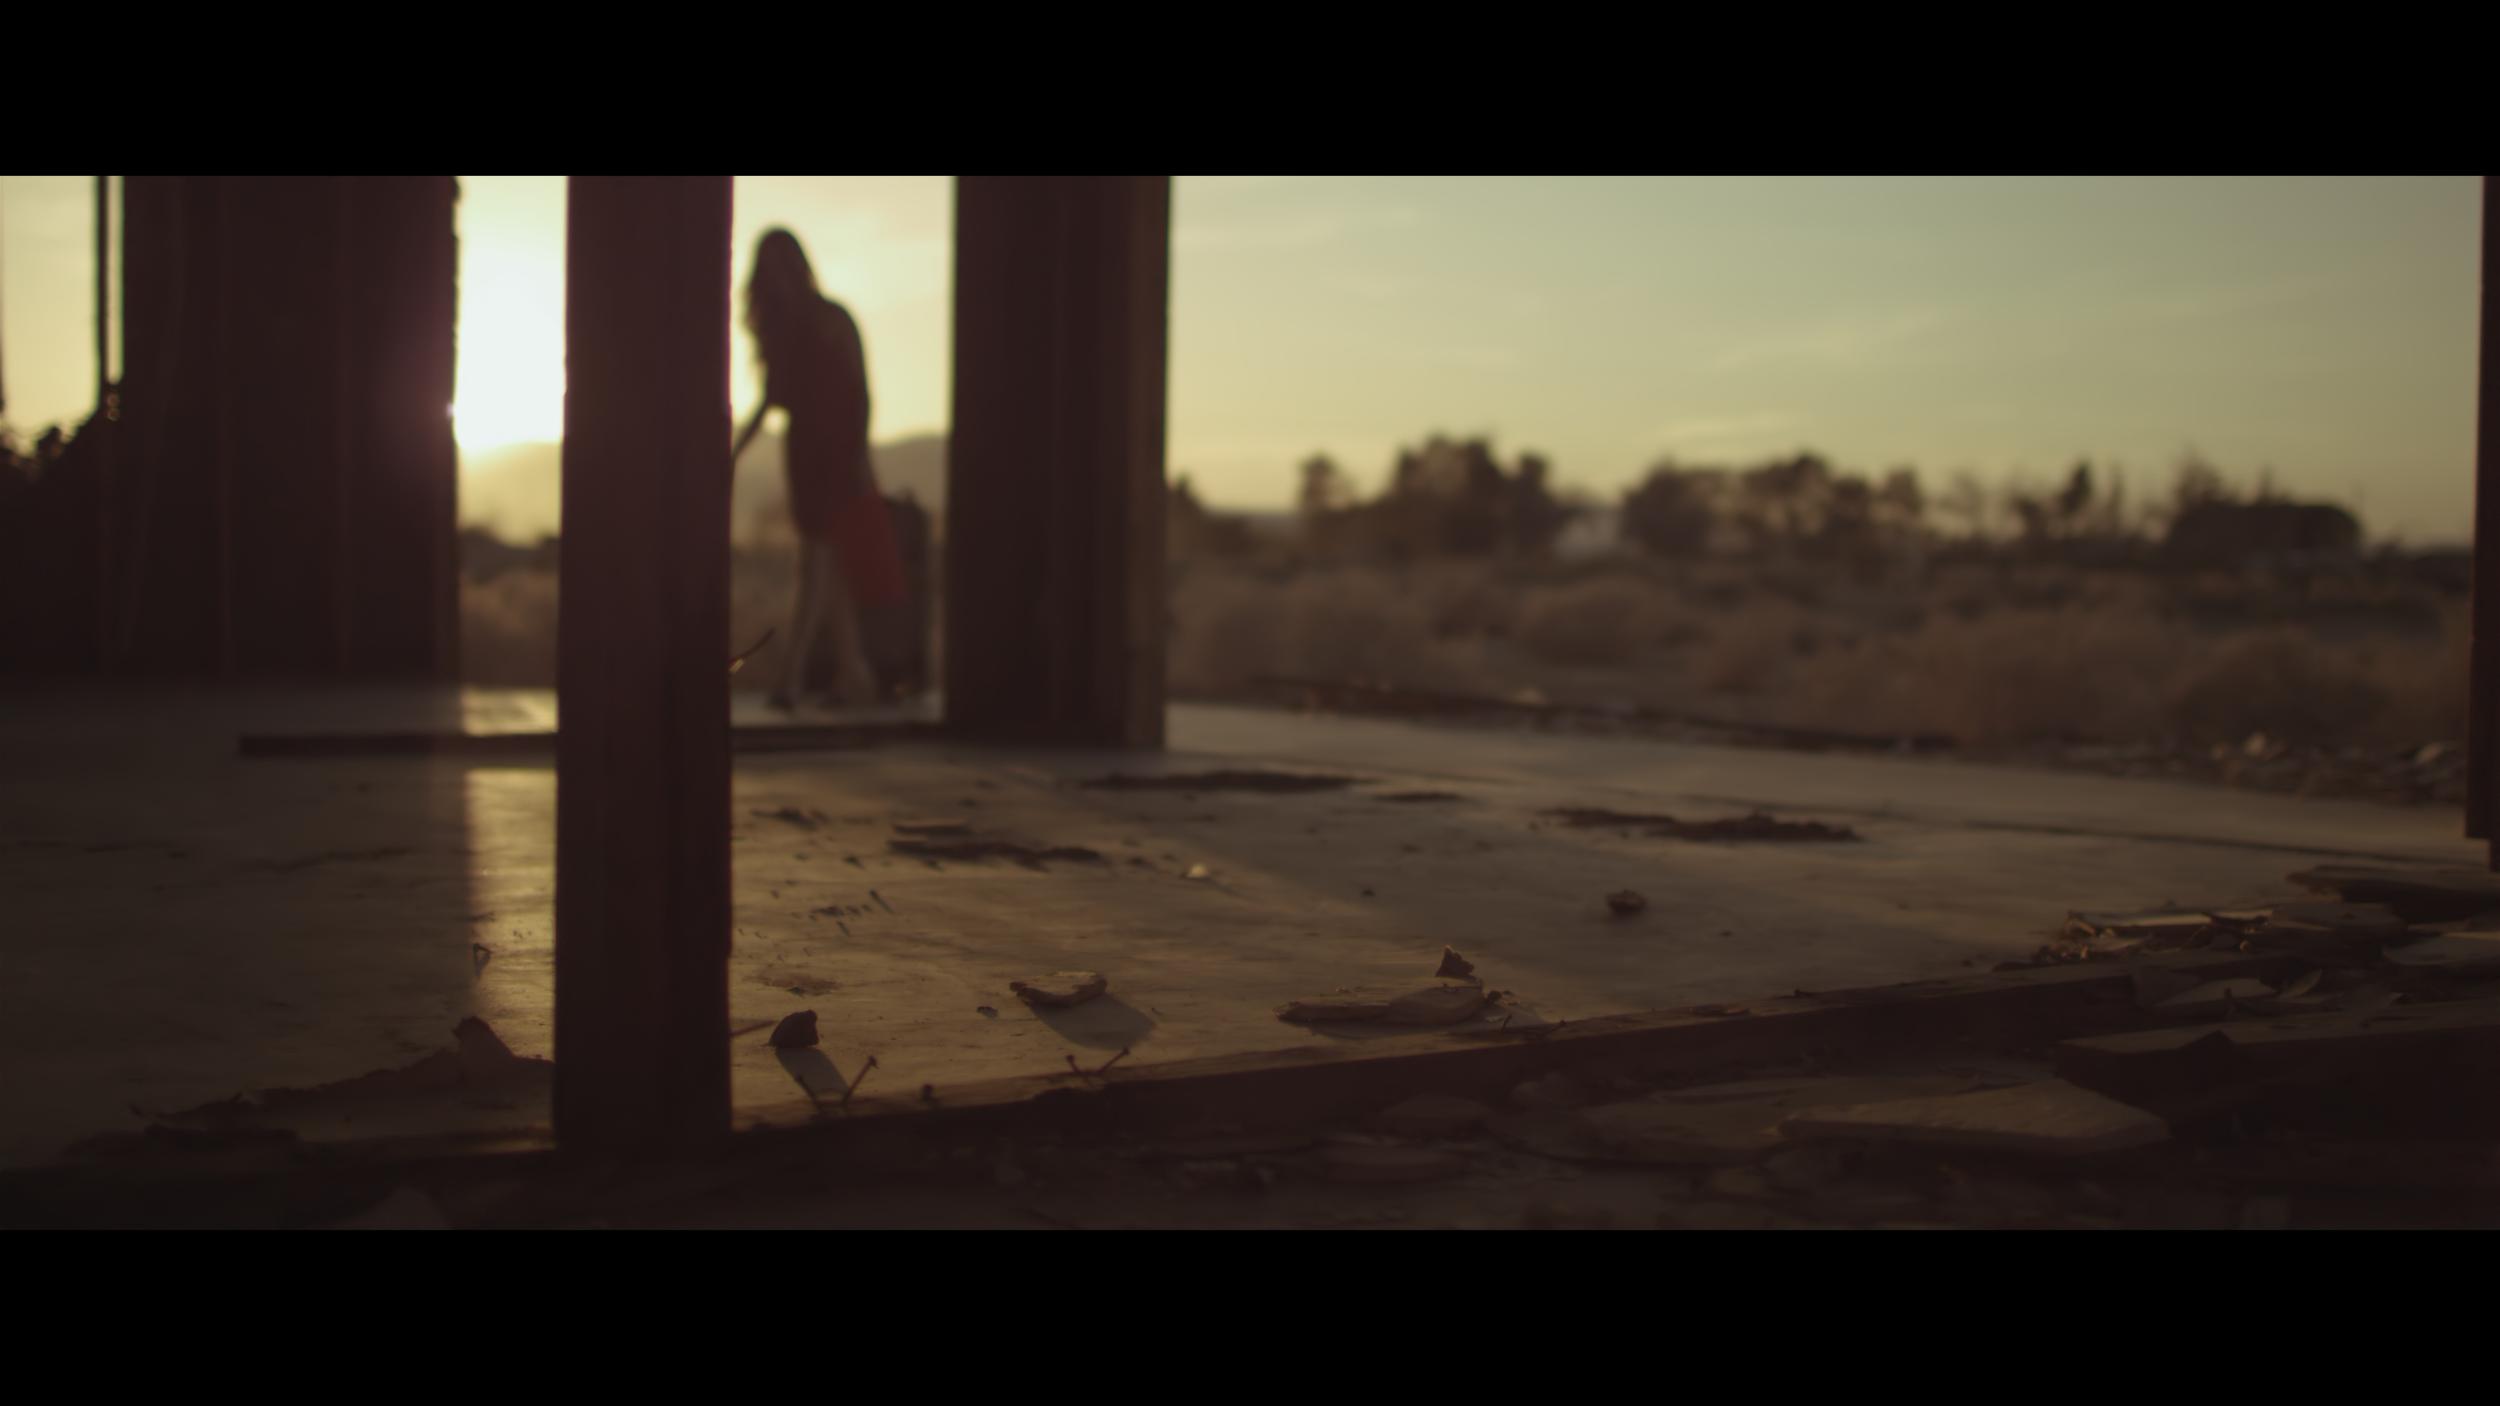 Screen-Shot-2014-01-02-at-11.39.13-PM.png